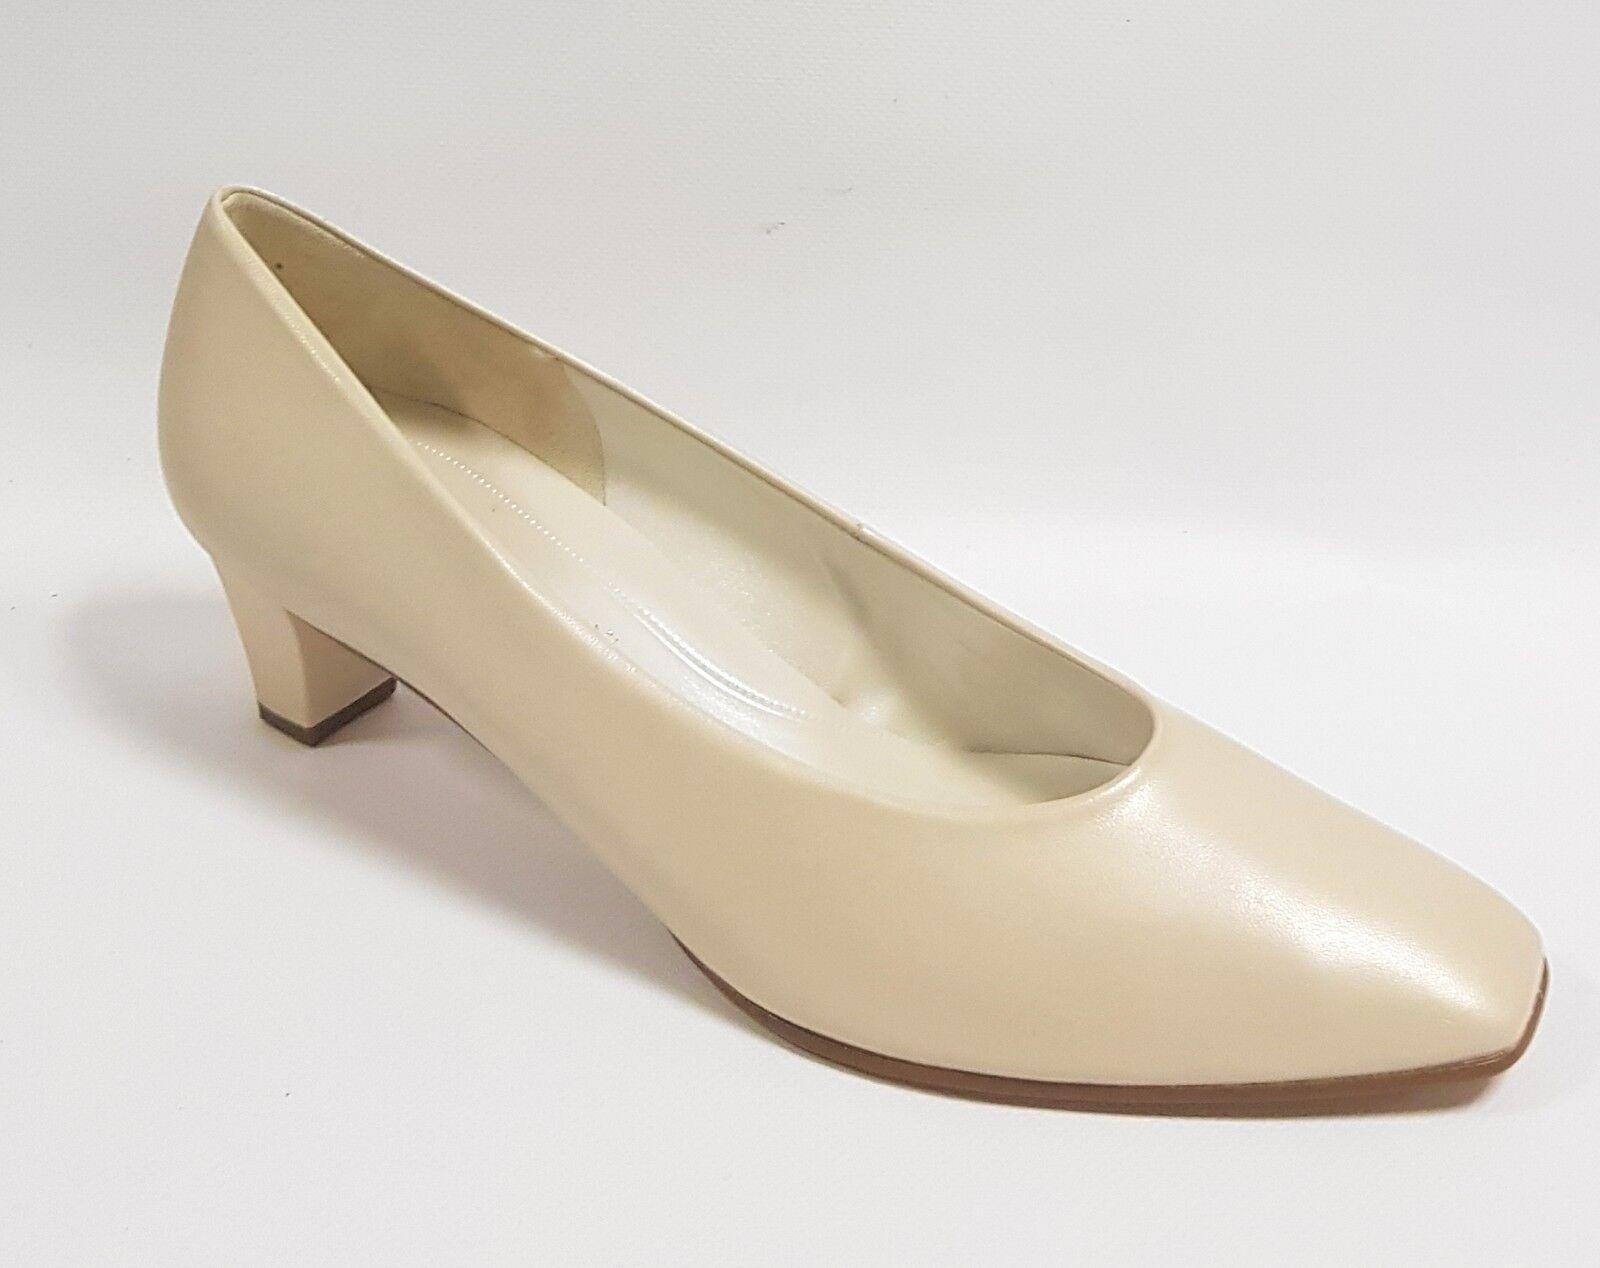 Gabor Scarpe Donna 25.180.64 Pumps Slipper mezza NUOVO scarpa Donna shoes CHAMPAGNE NUOVO mezza b0eddf